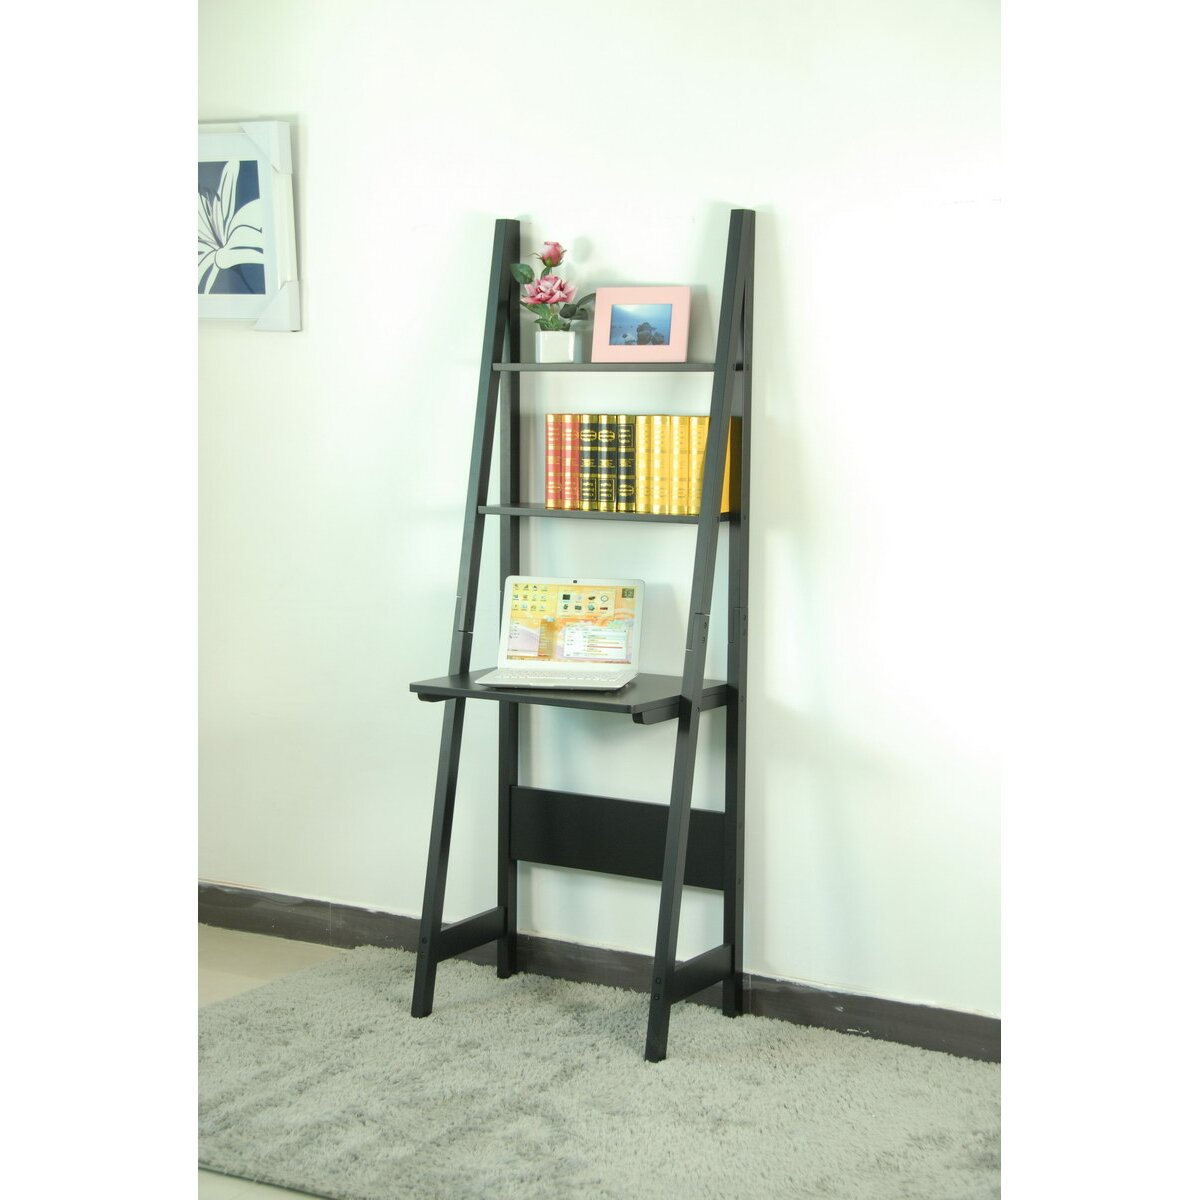 Bookcase Computer Desk: Computer Desk With Bookcase